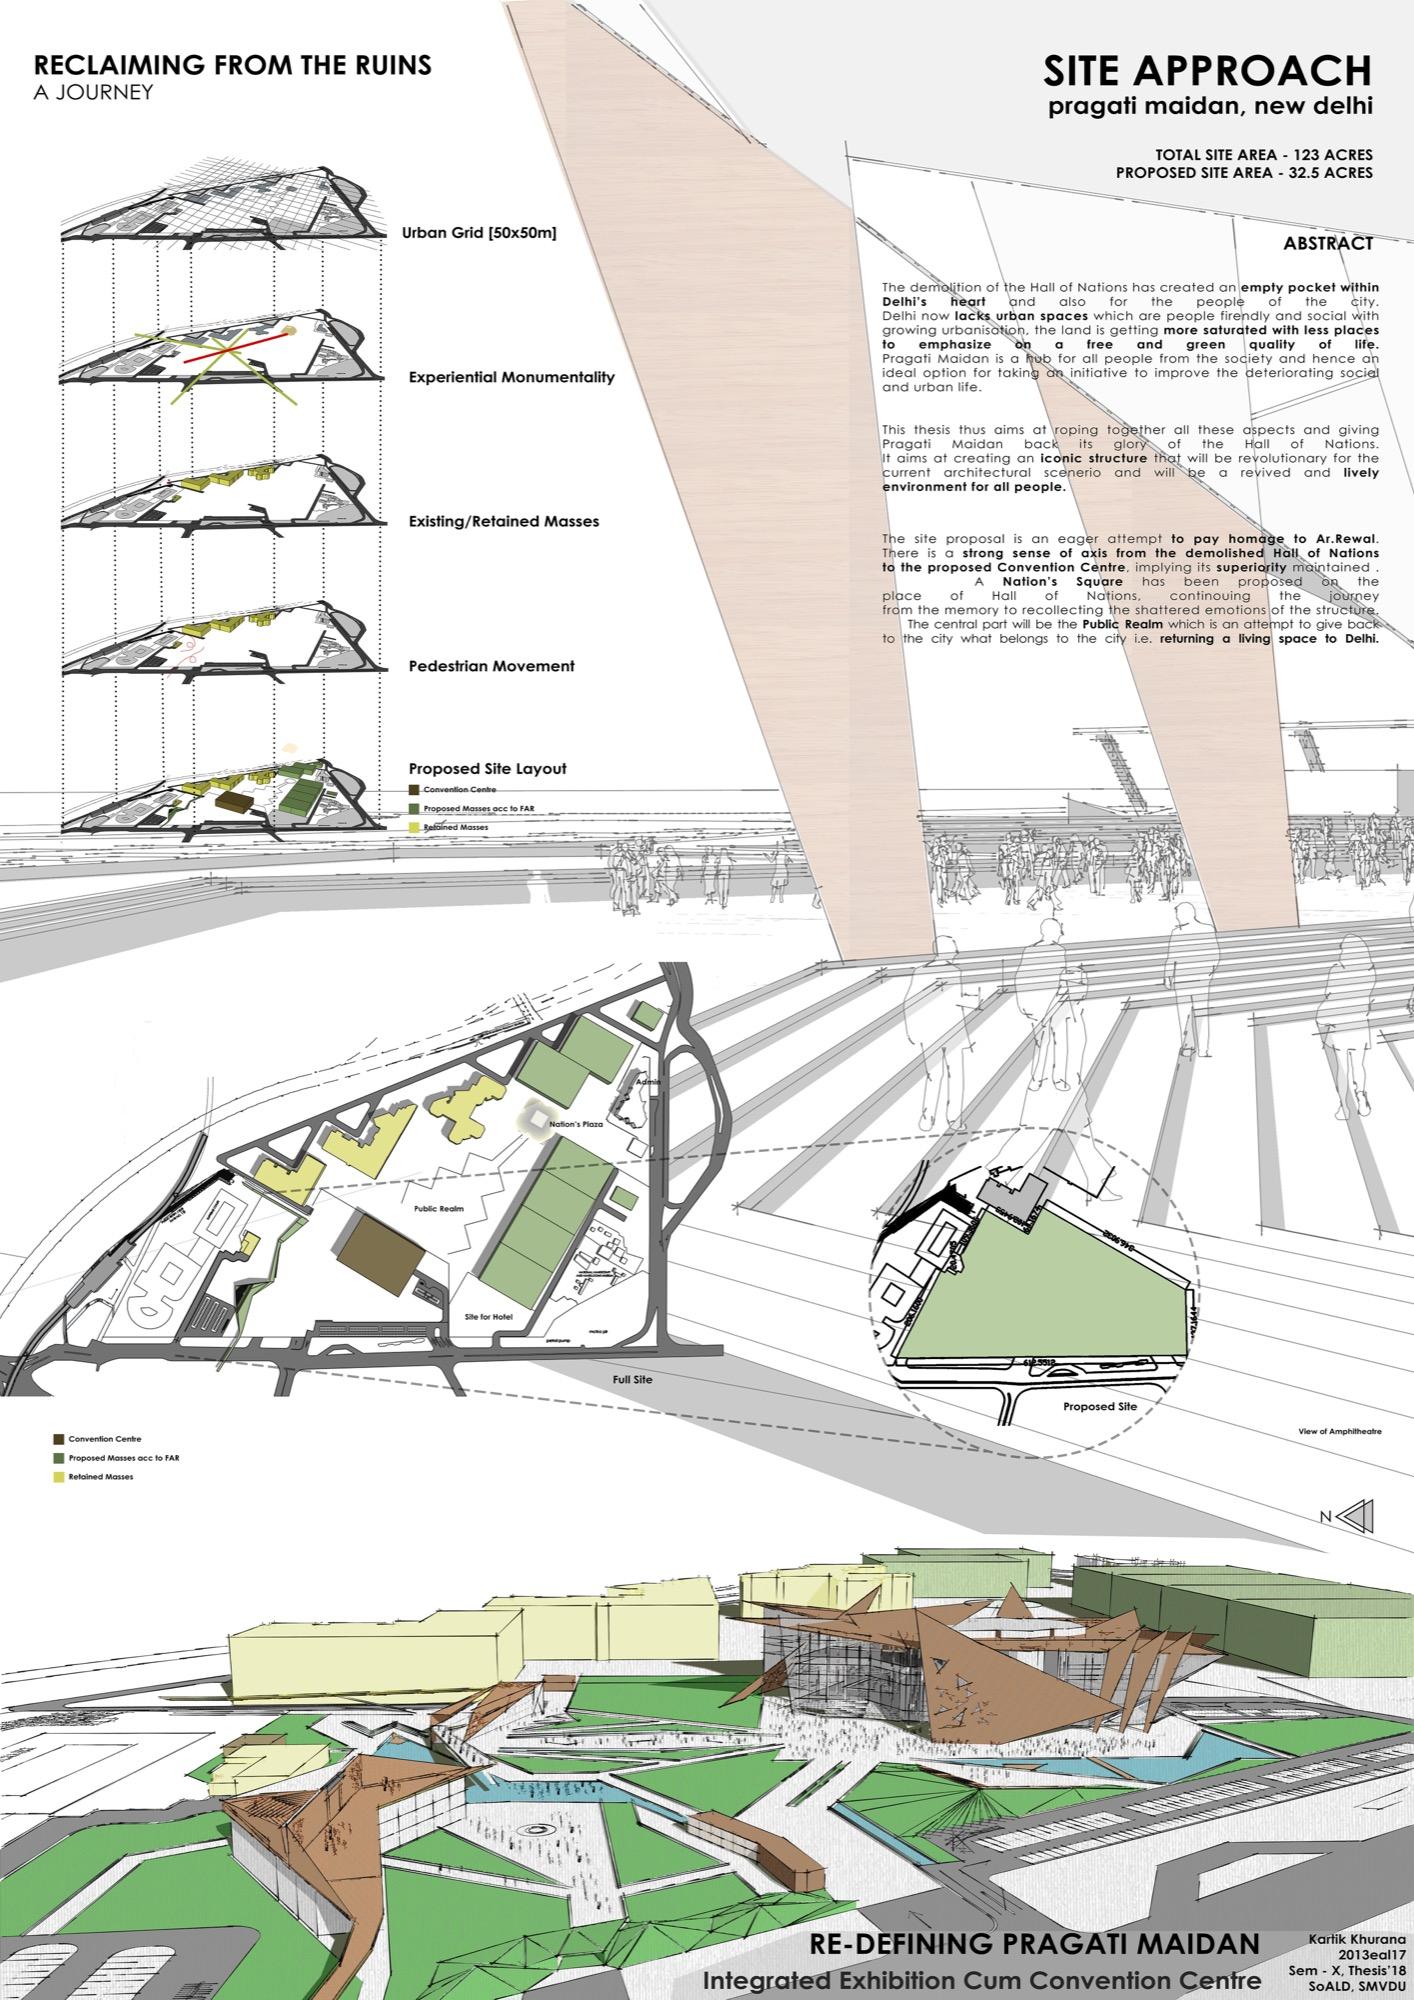 B.Arch Thesis: Redefining Pragati Maidan, International Convention Cum Exhibition Centre, by Kartik Khurana 5